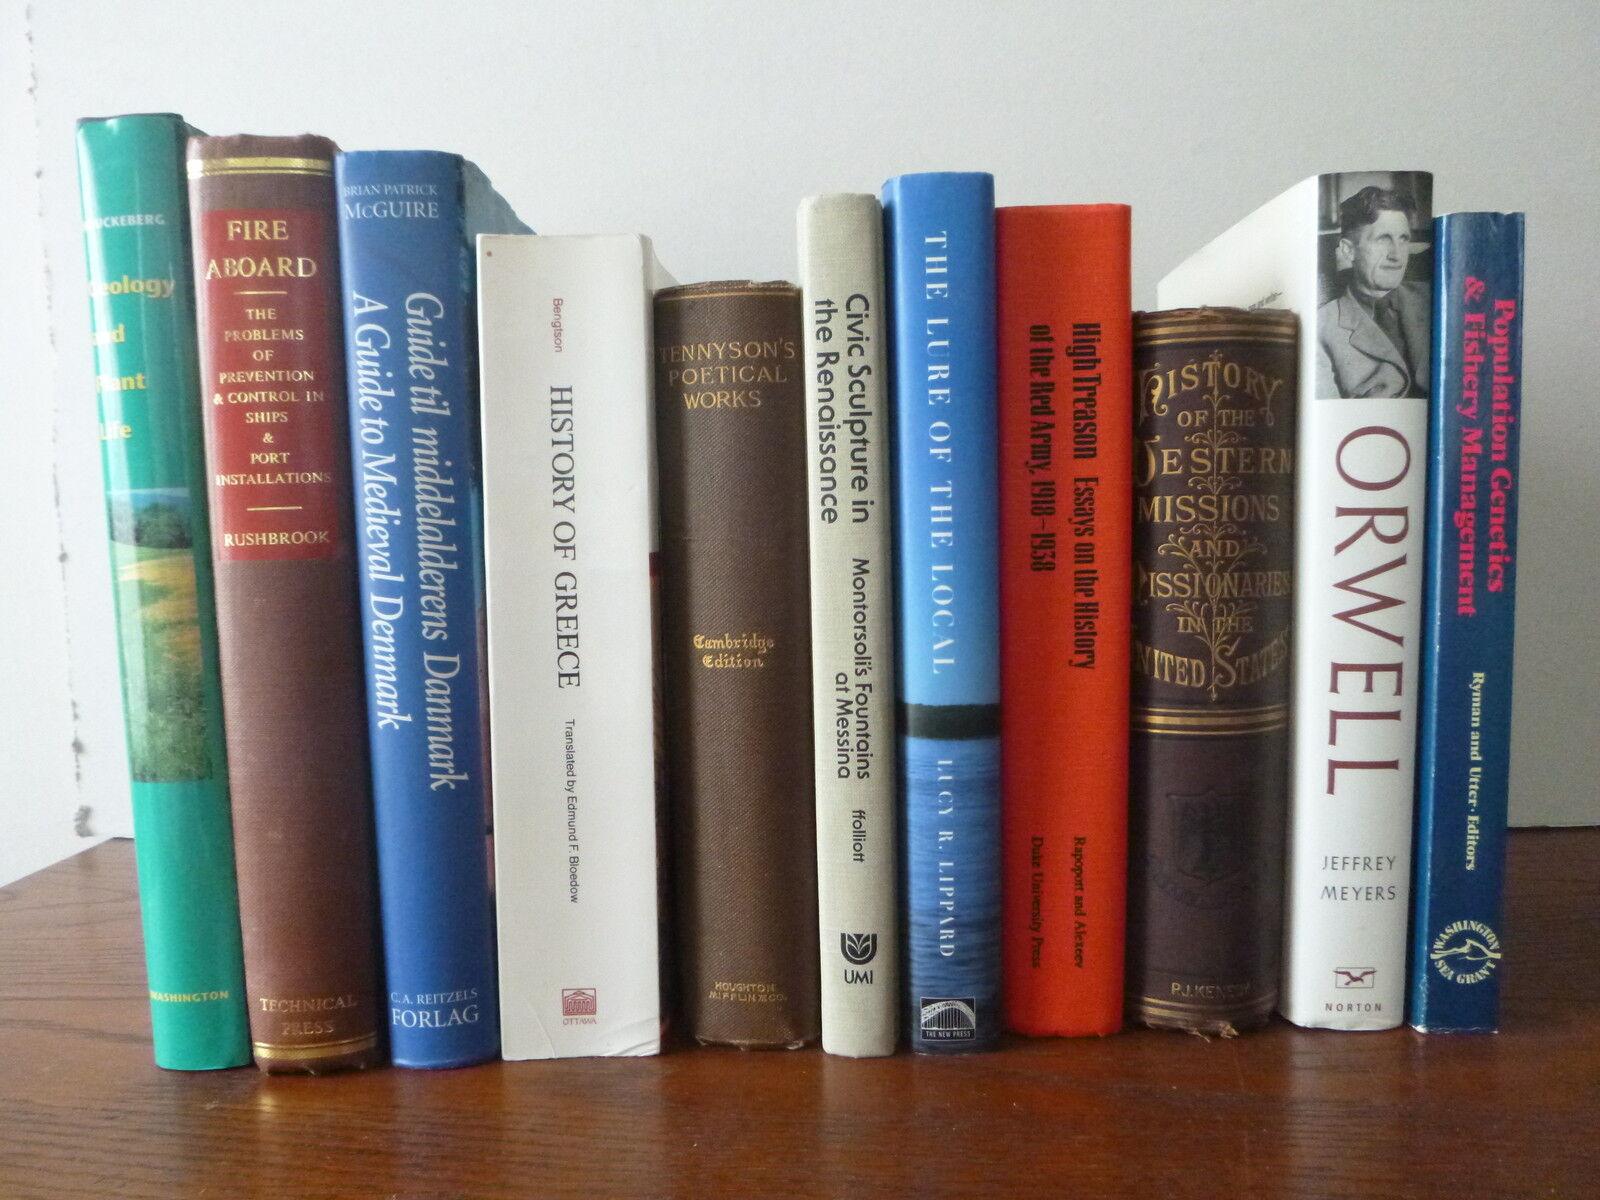 dg2 books